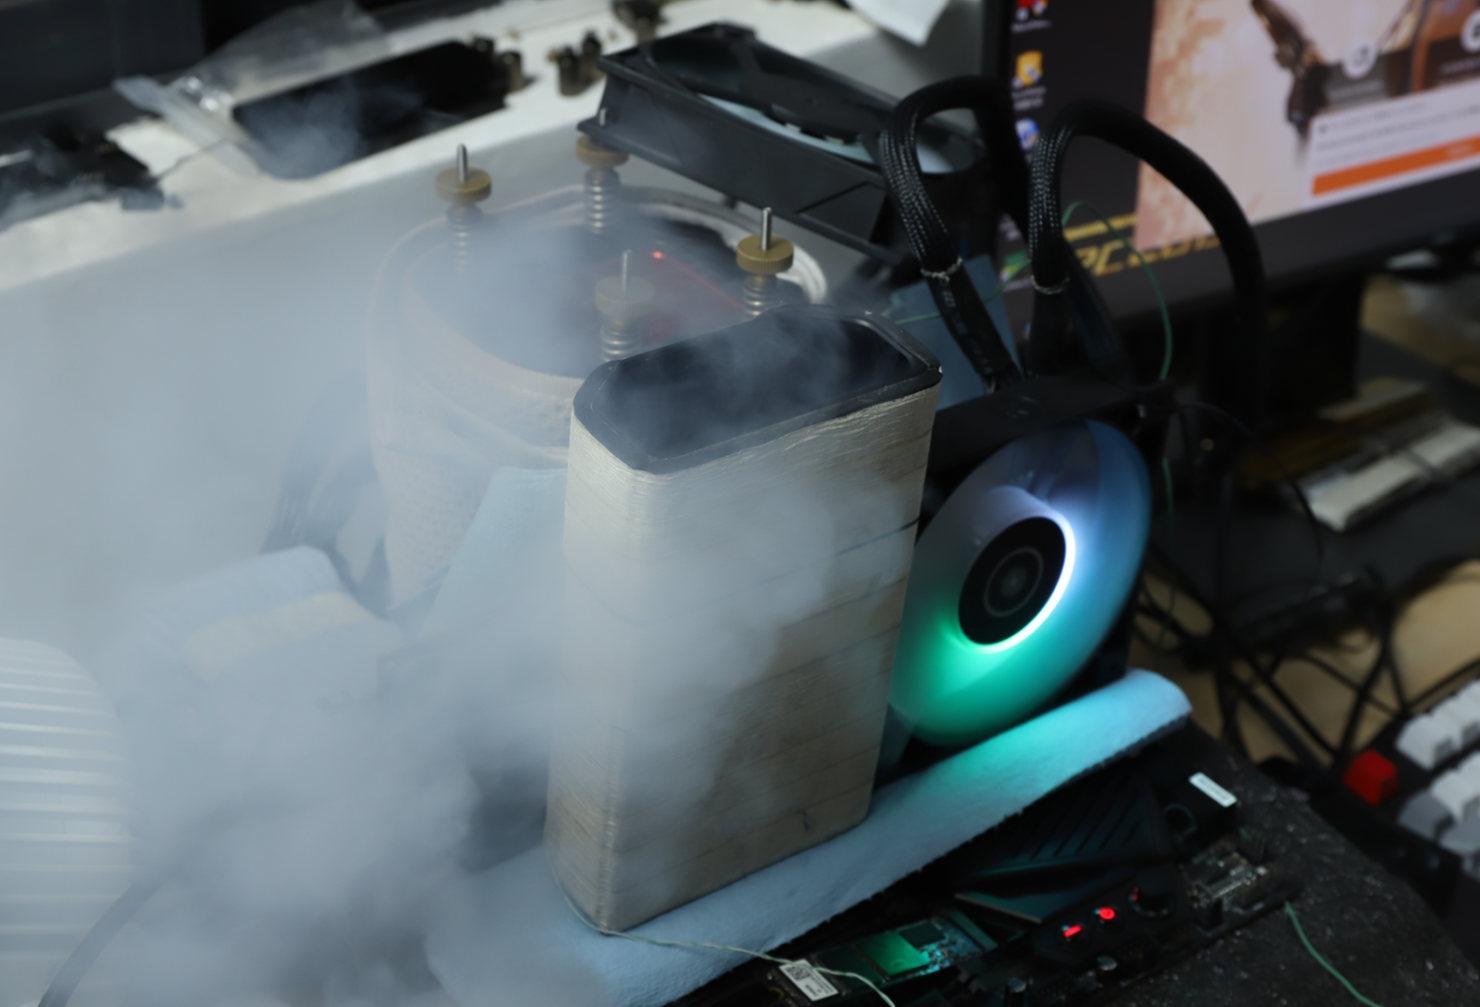 AMD RX 6800 XT es overclockeado @ 2.8 GHz y consigue la puntuacion mas alta de la historia en 3DMark